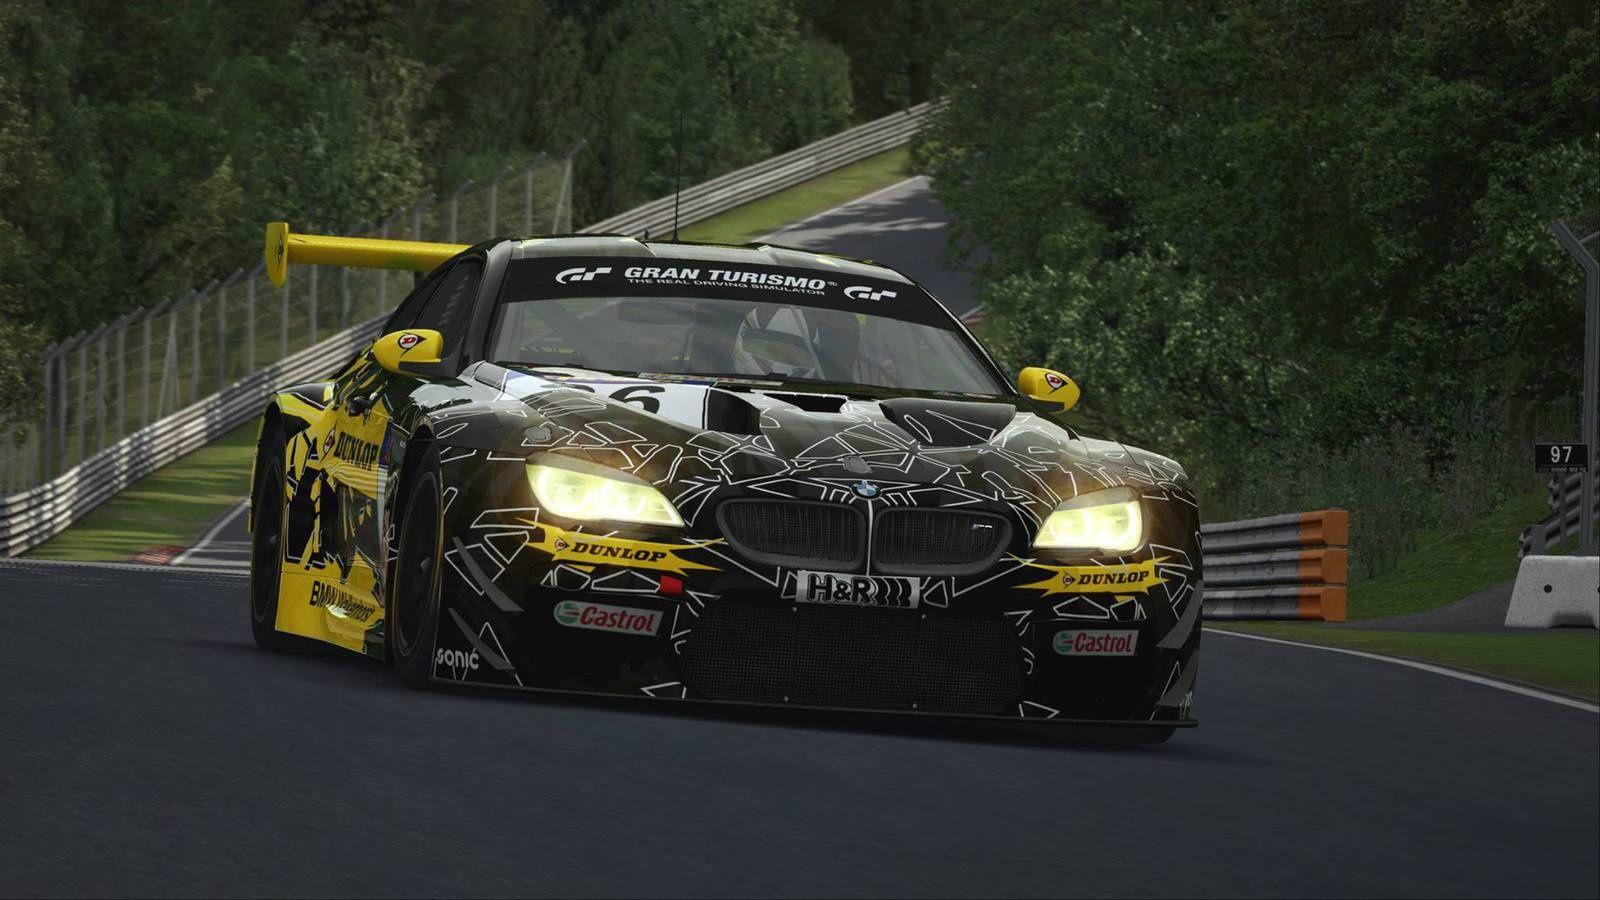 Découvrez la première image d'une Formule 1 dans Raceroom !